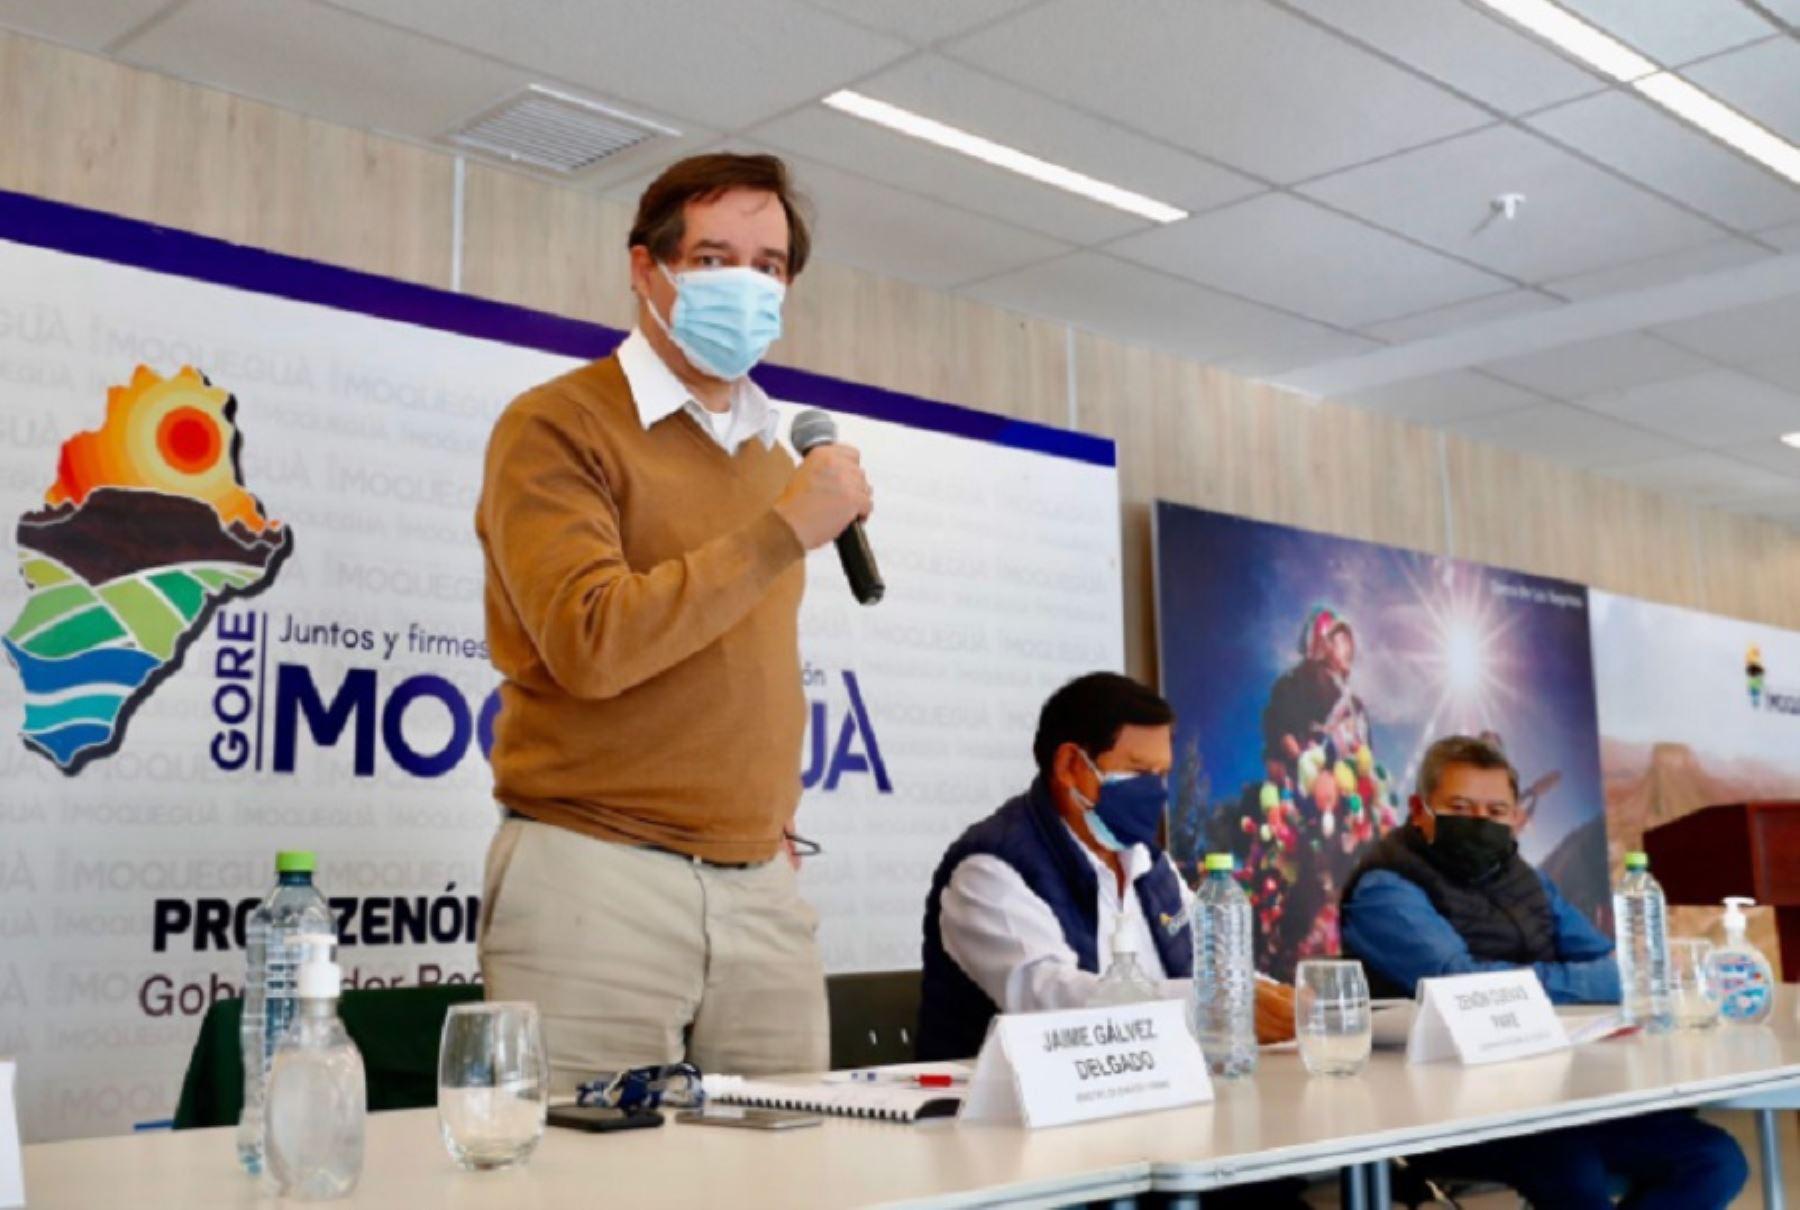 El ministro de Energía y Minas, Jaime Gálvez, lideró una comitiva que llegó a la sede del Gobierno Regional de Moquegua para informar sobre el avance de las acciones desarrolladas para atender la problemática ambiental en el río Coralaque. Foto: Ministerio de Energía y Minas.